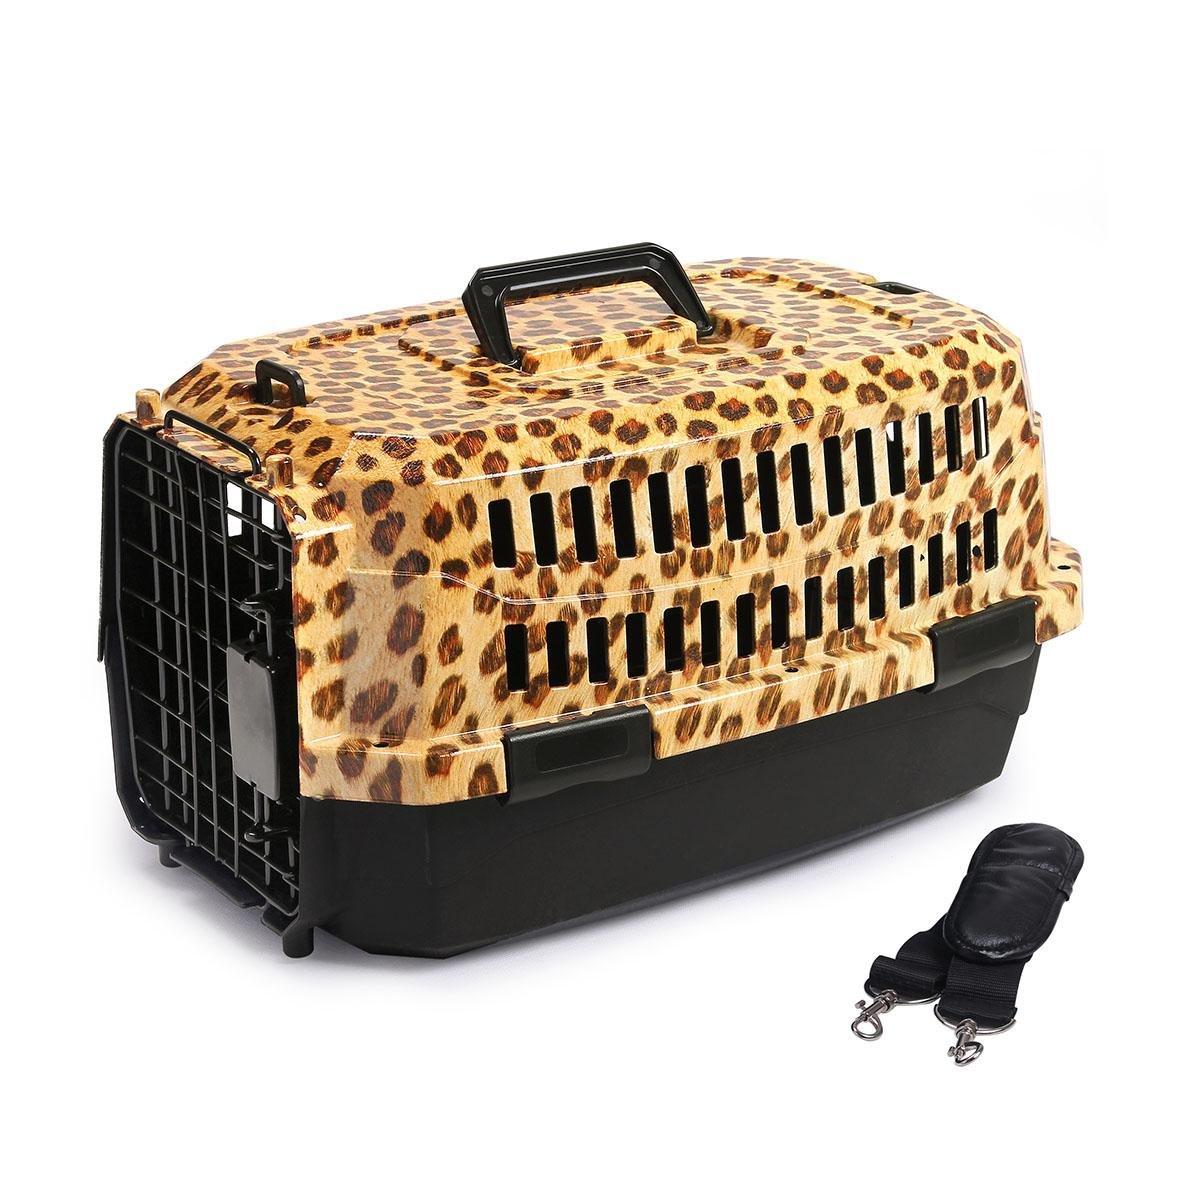 xueyan Caja de aire del perro de la caja de aire del gato de los gatos de la caja de peluche, m-5837.533cm, e